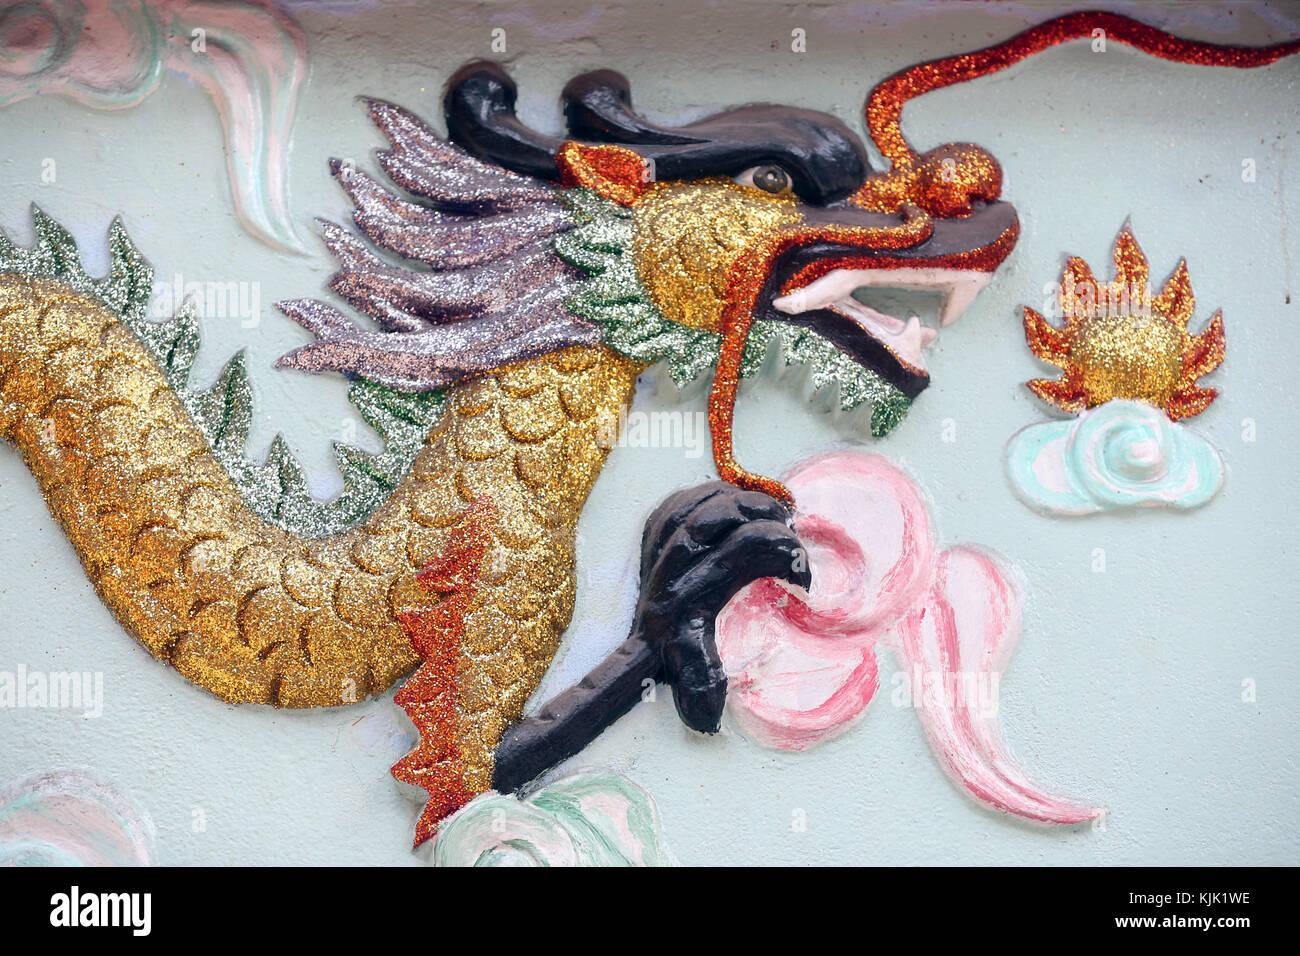 Chinesischer Drache traditionell starke und verheissungsvollen Mächte symbolisieren. Ho Chi Minh City. Vietnam. Stockbild